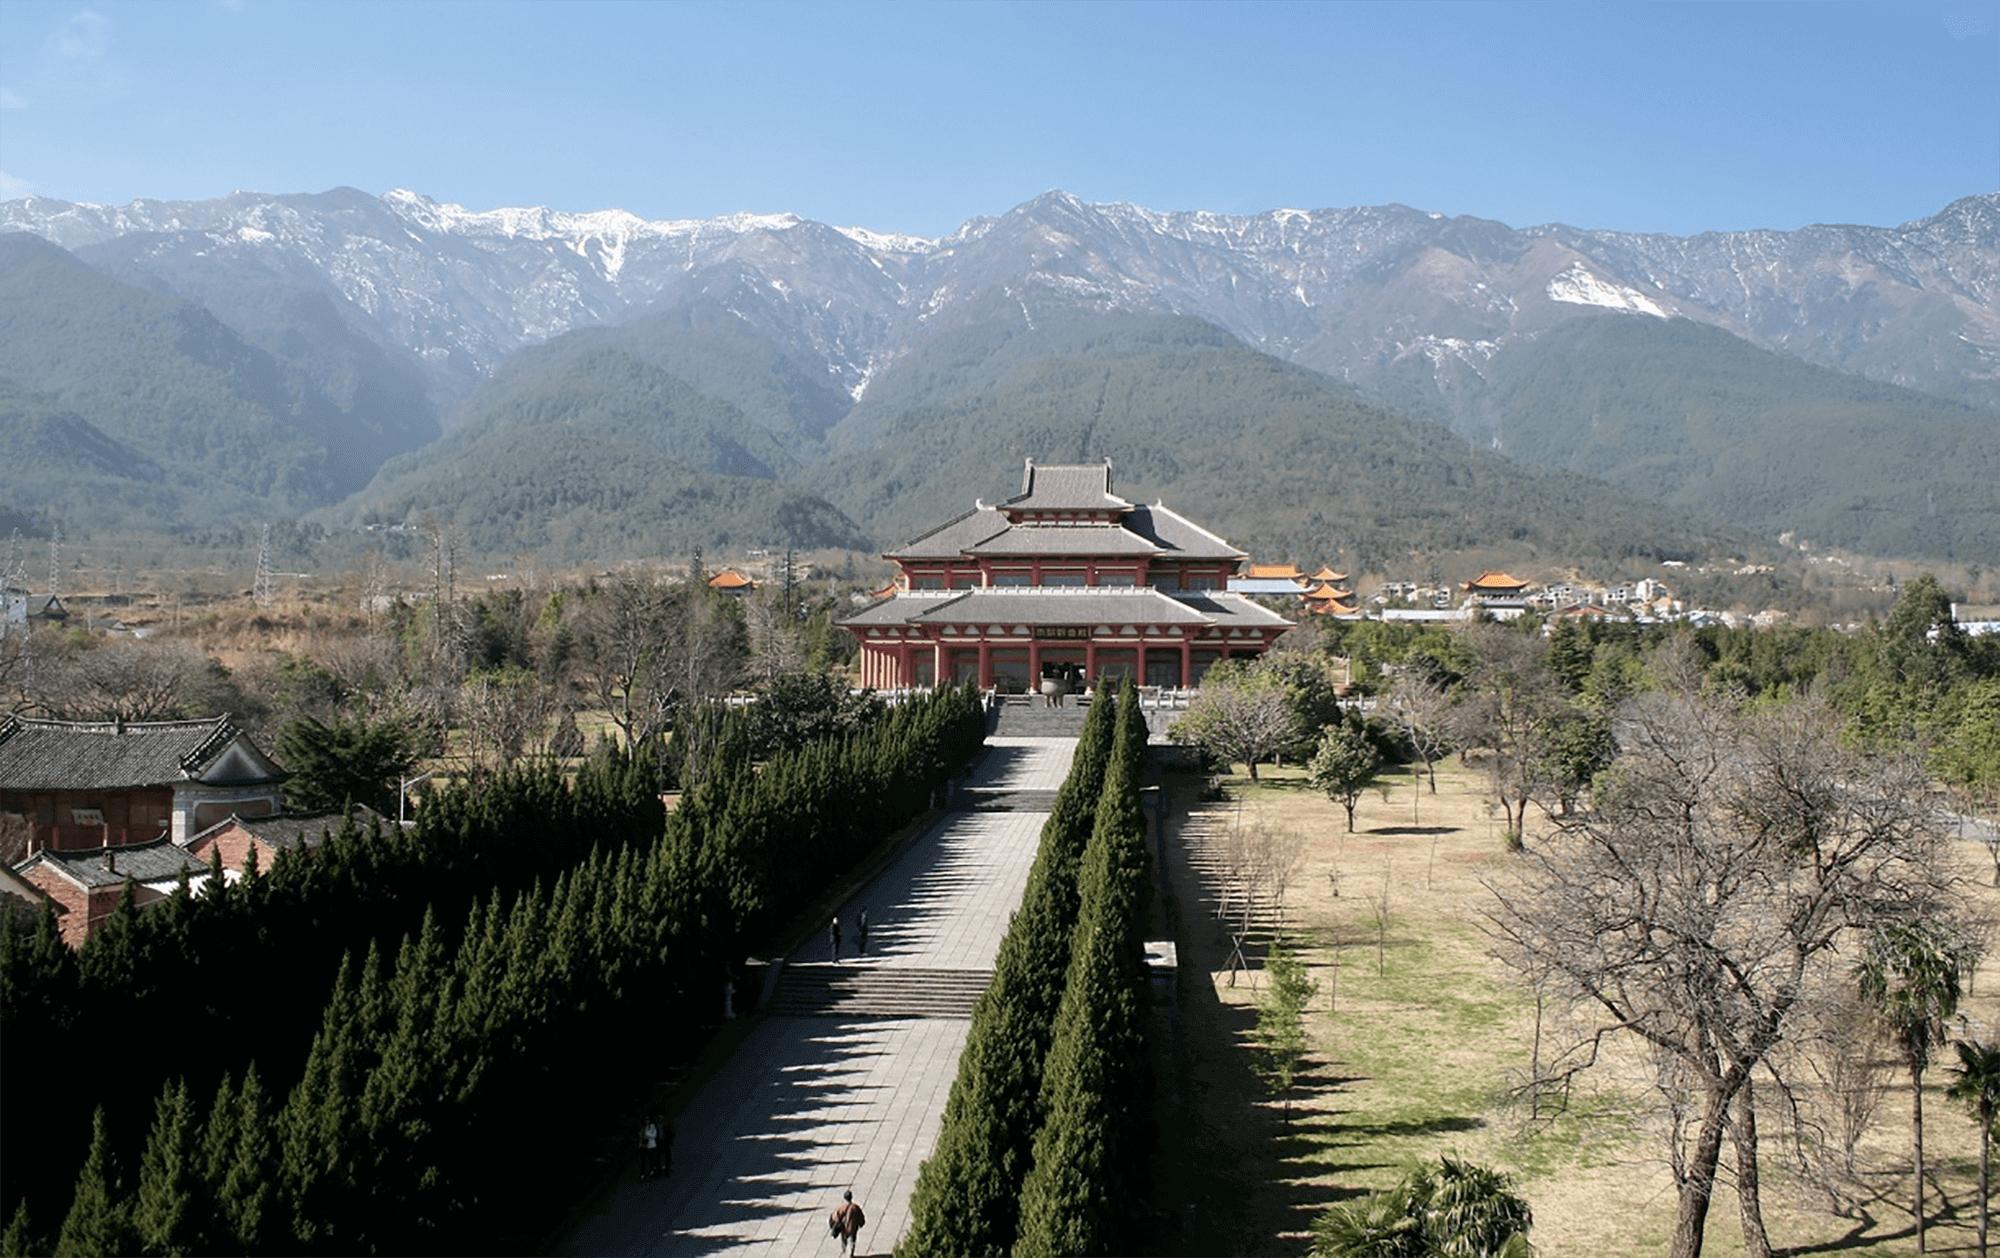 Reise in Yunnan in China. Eine lange Strasse führt zu einem chinesischen Tempel, im Hintergrund sind schneebedeckte Berge zu sehen.